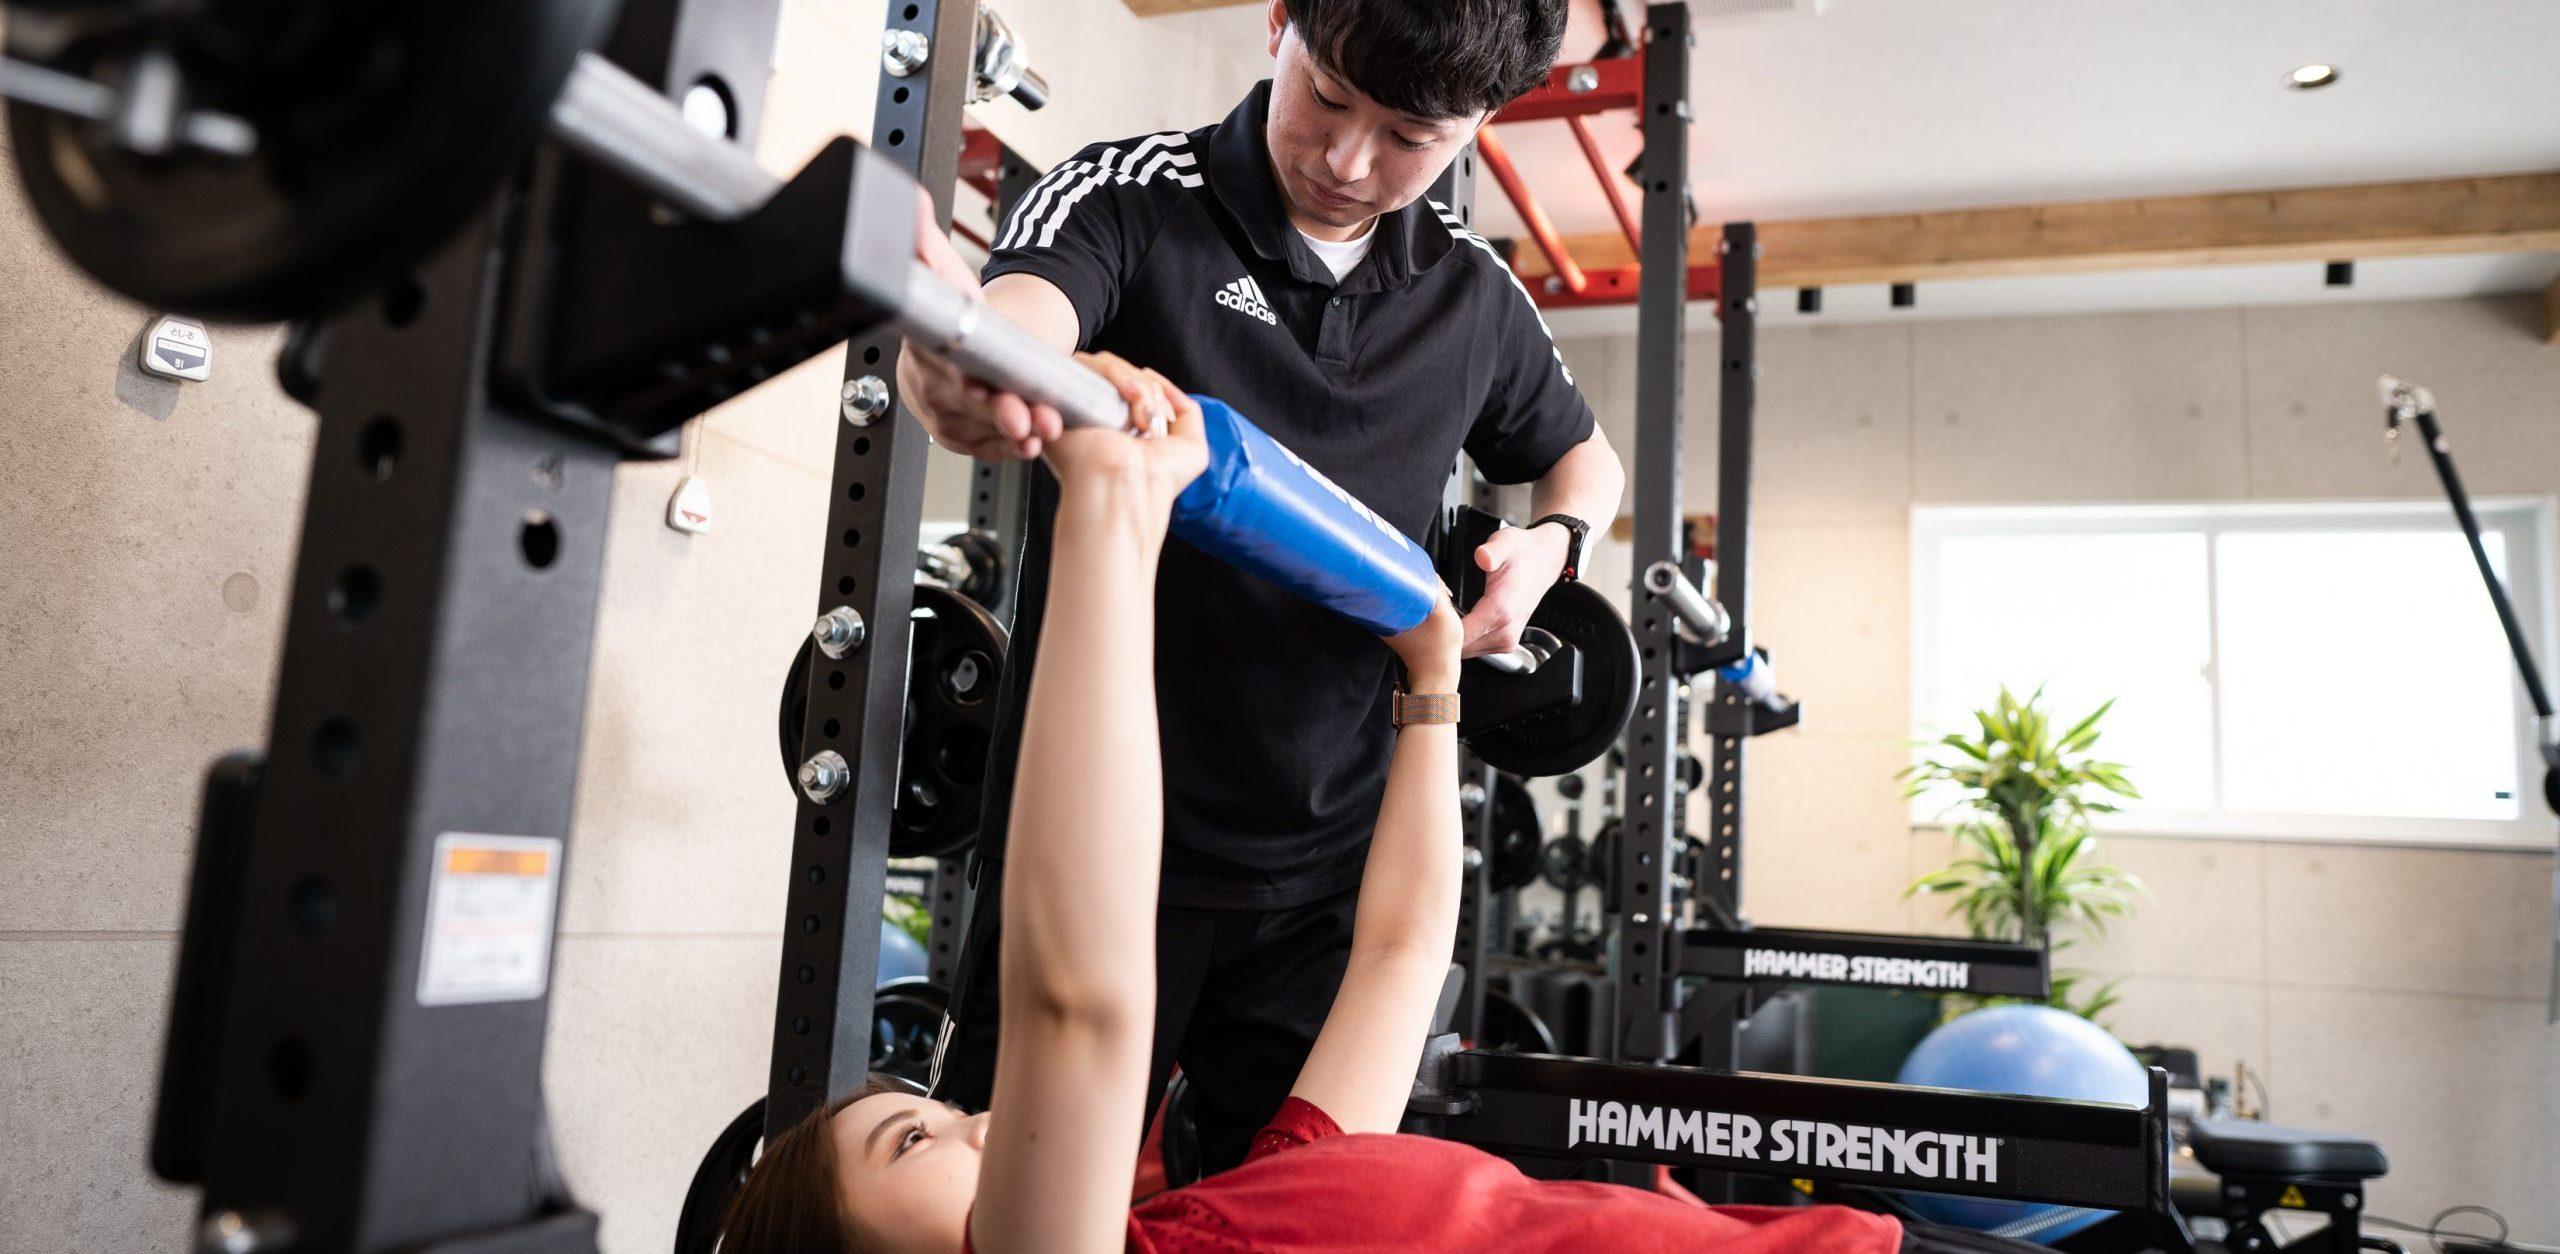 パーソナルトレーニング 福島市で女性に人気のトレーニング施設